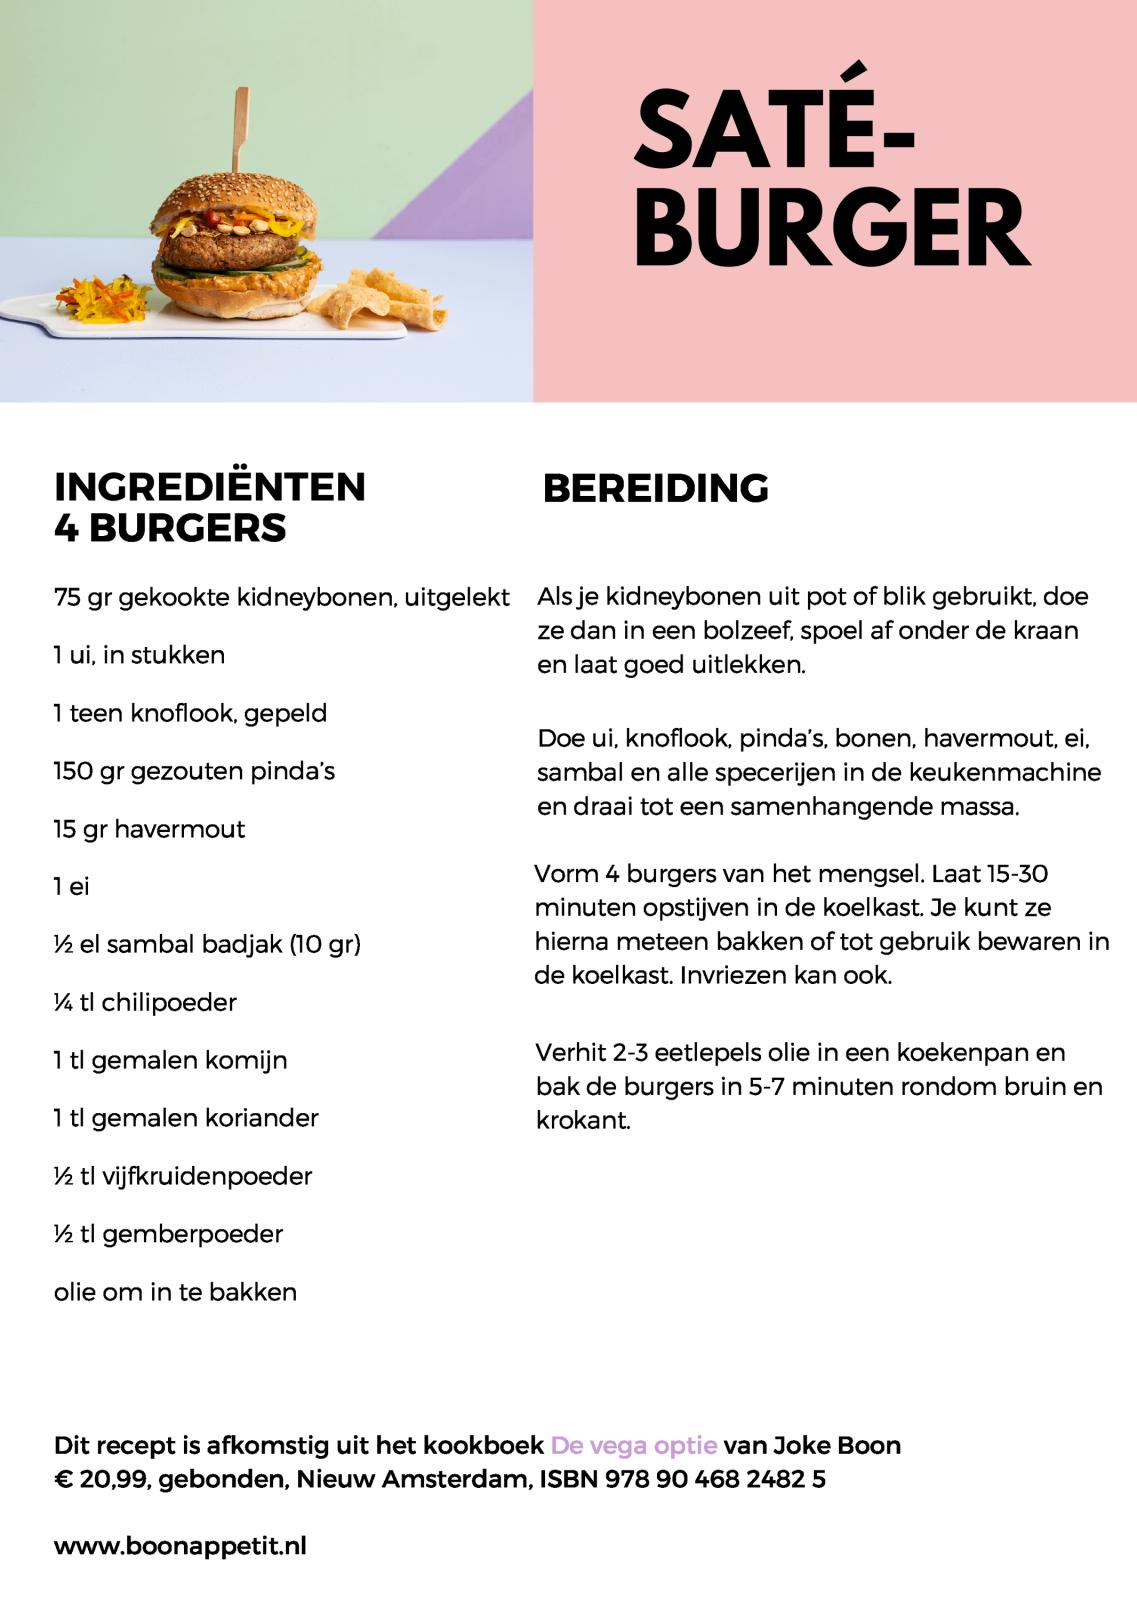 receptkaart-De-vega-optie-a5-2